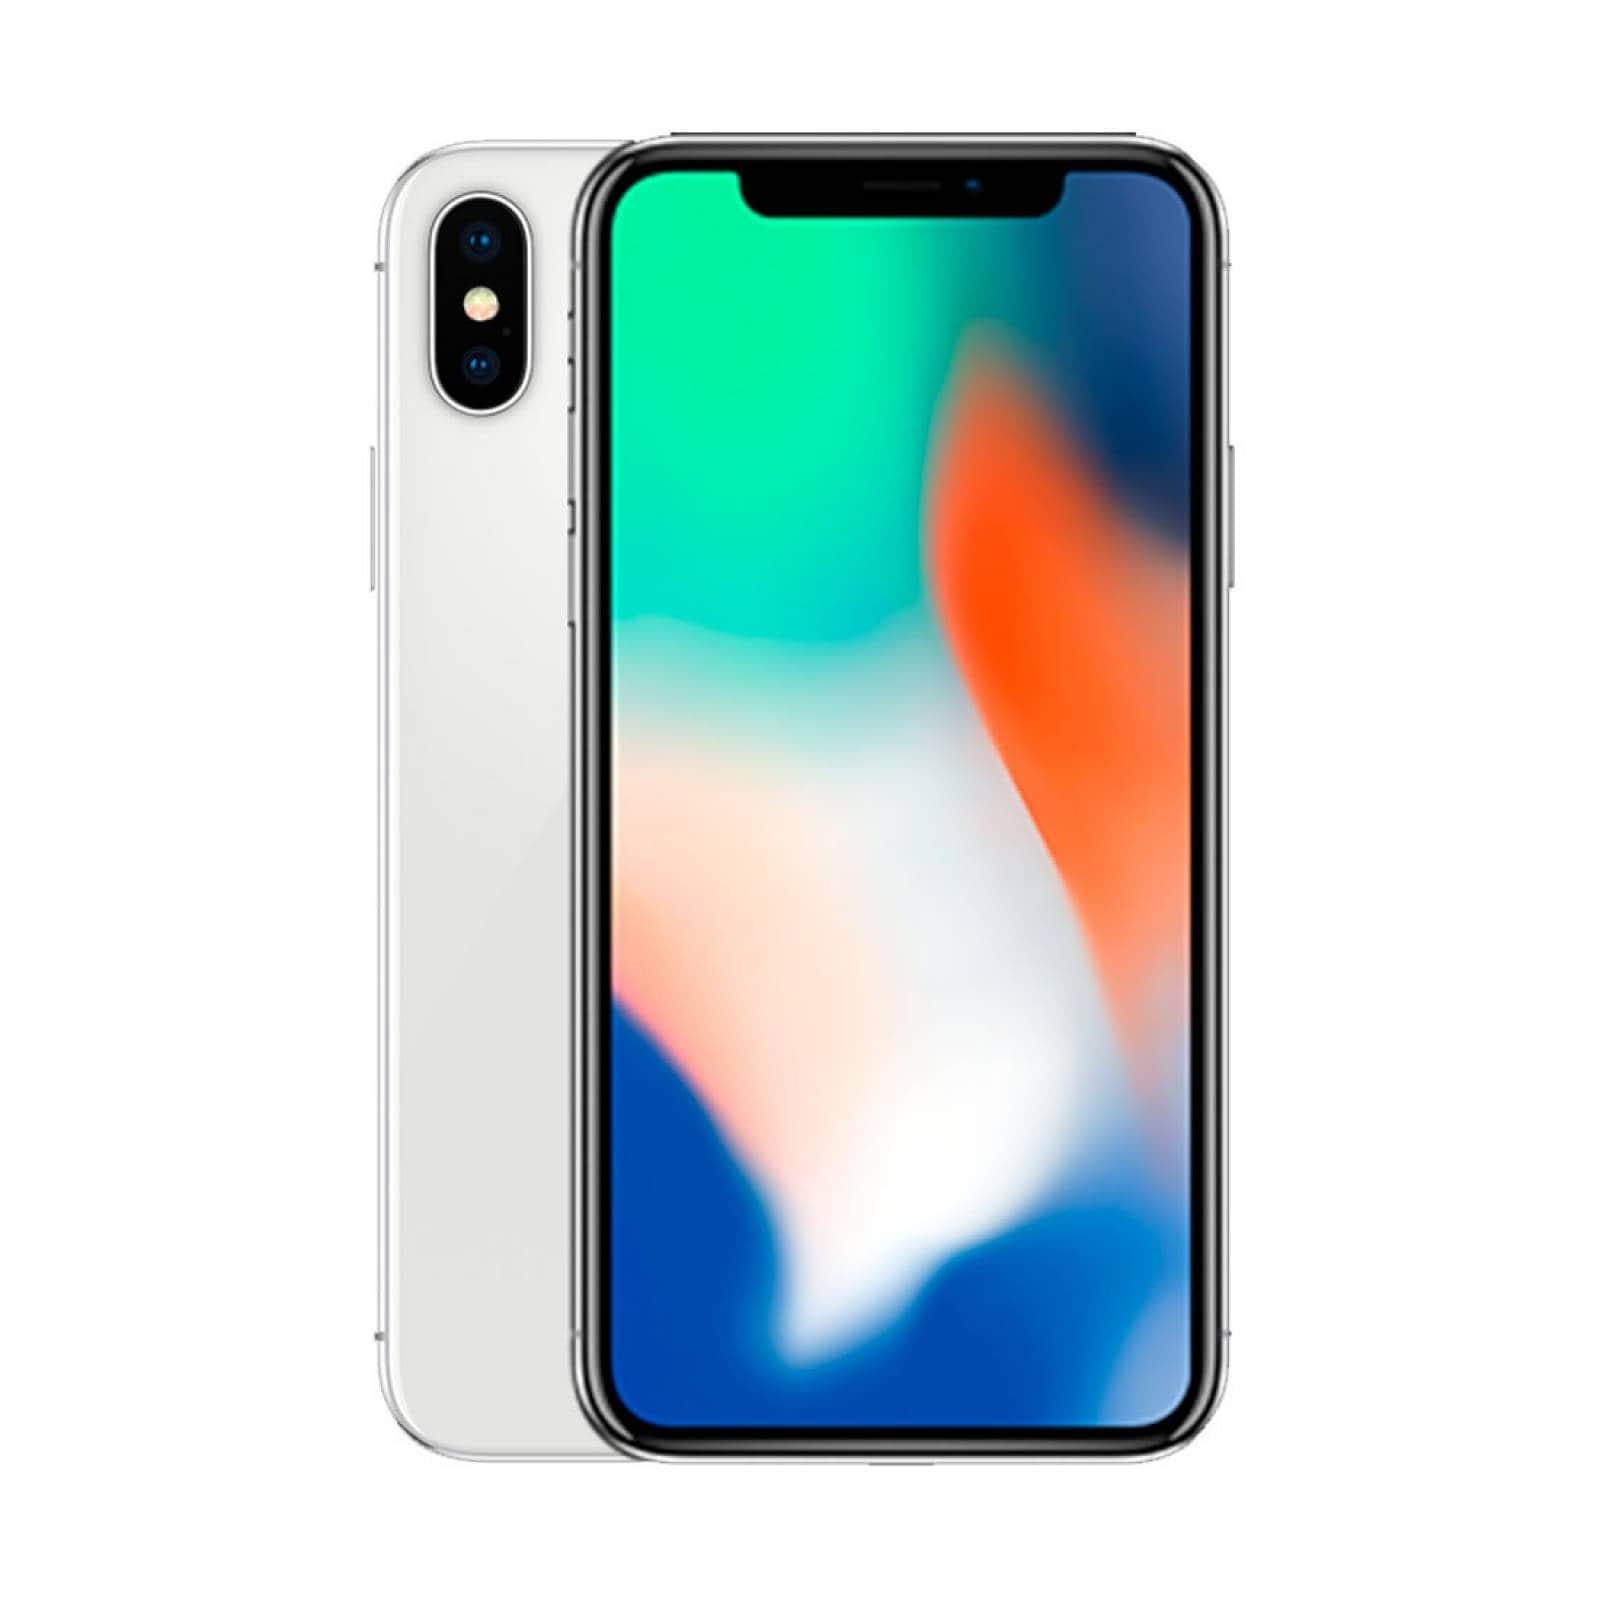 Celular Iphone X 64 GB Reacondicionado Por Apple 12 Mpx Silver